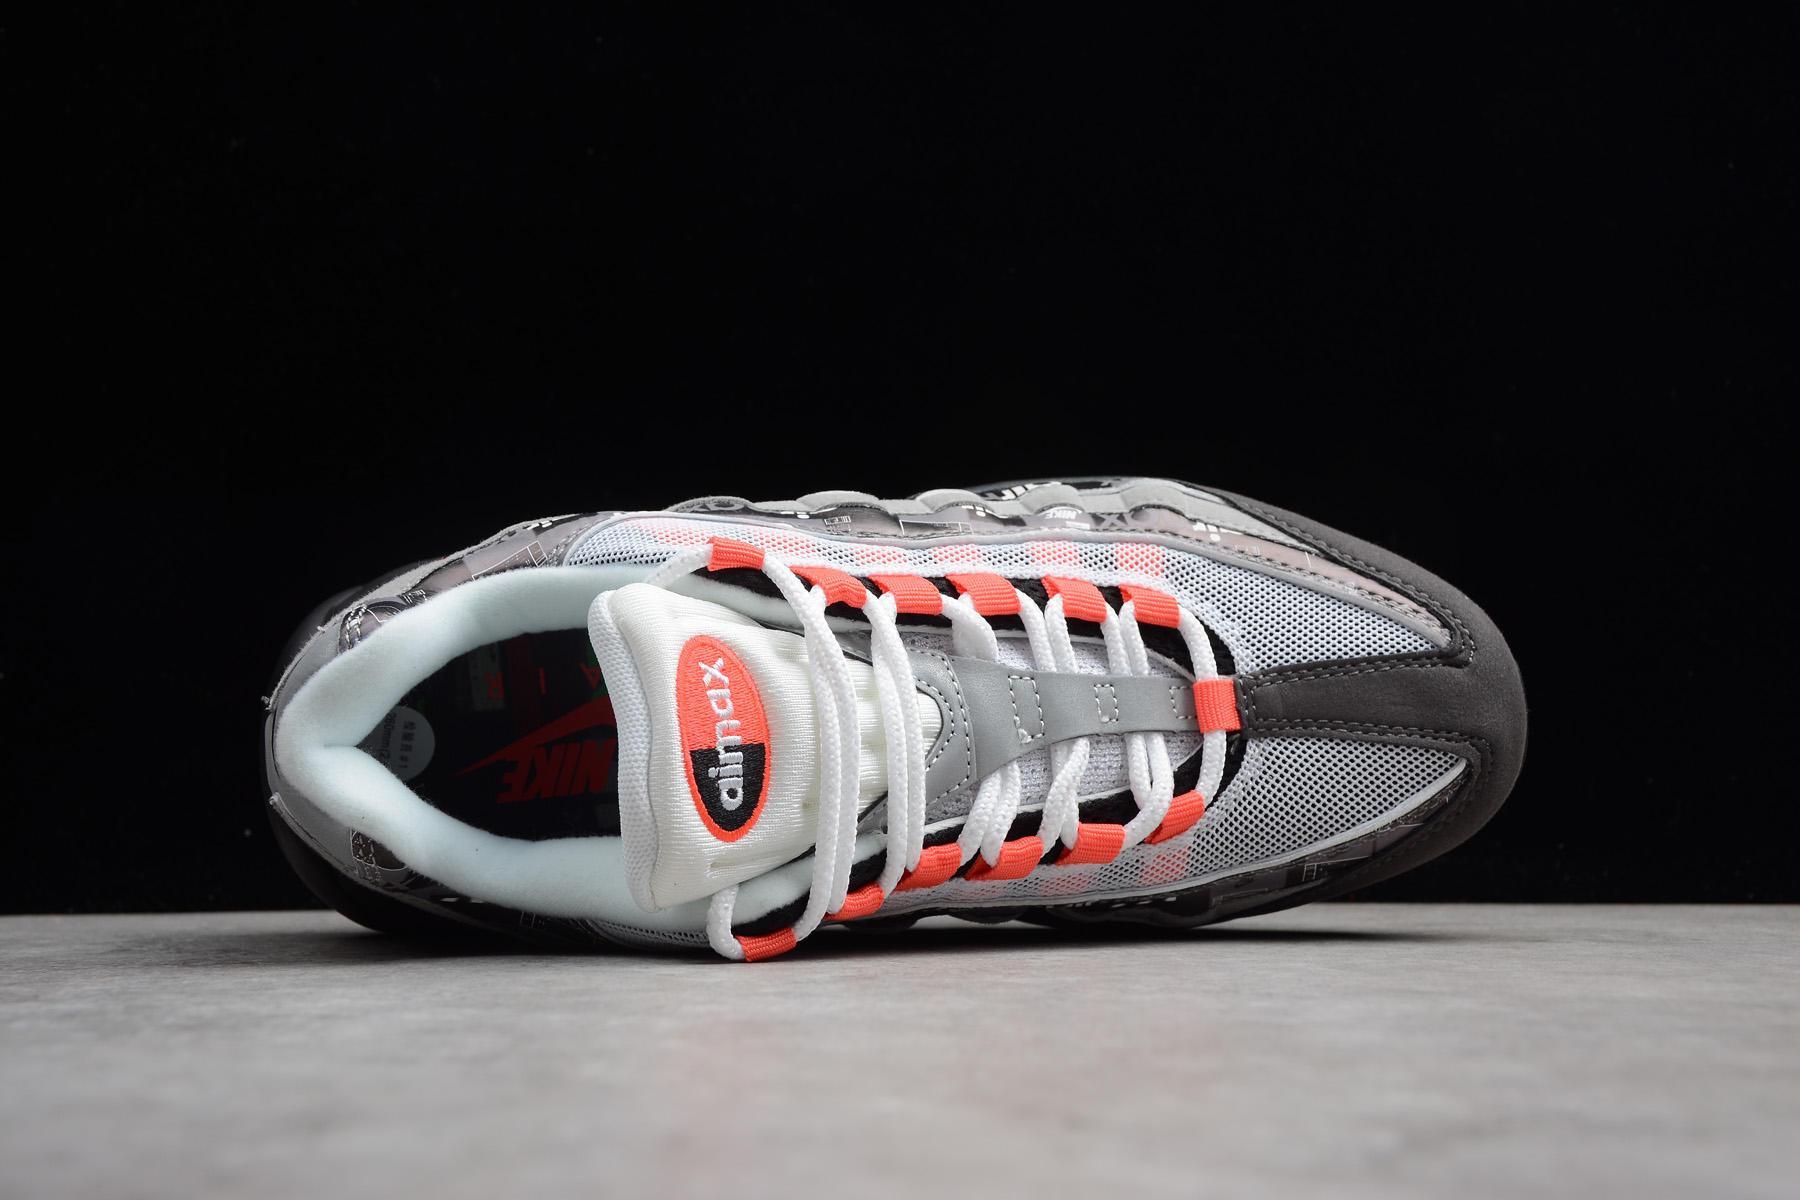 Air Max 95 Atmos We Love Nike (Bright Crimson)-8